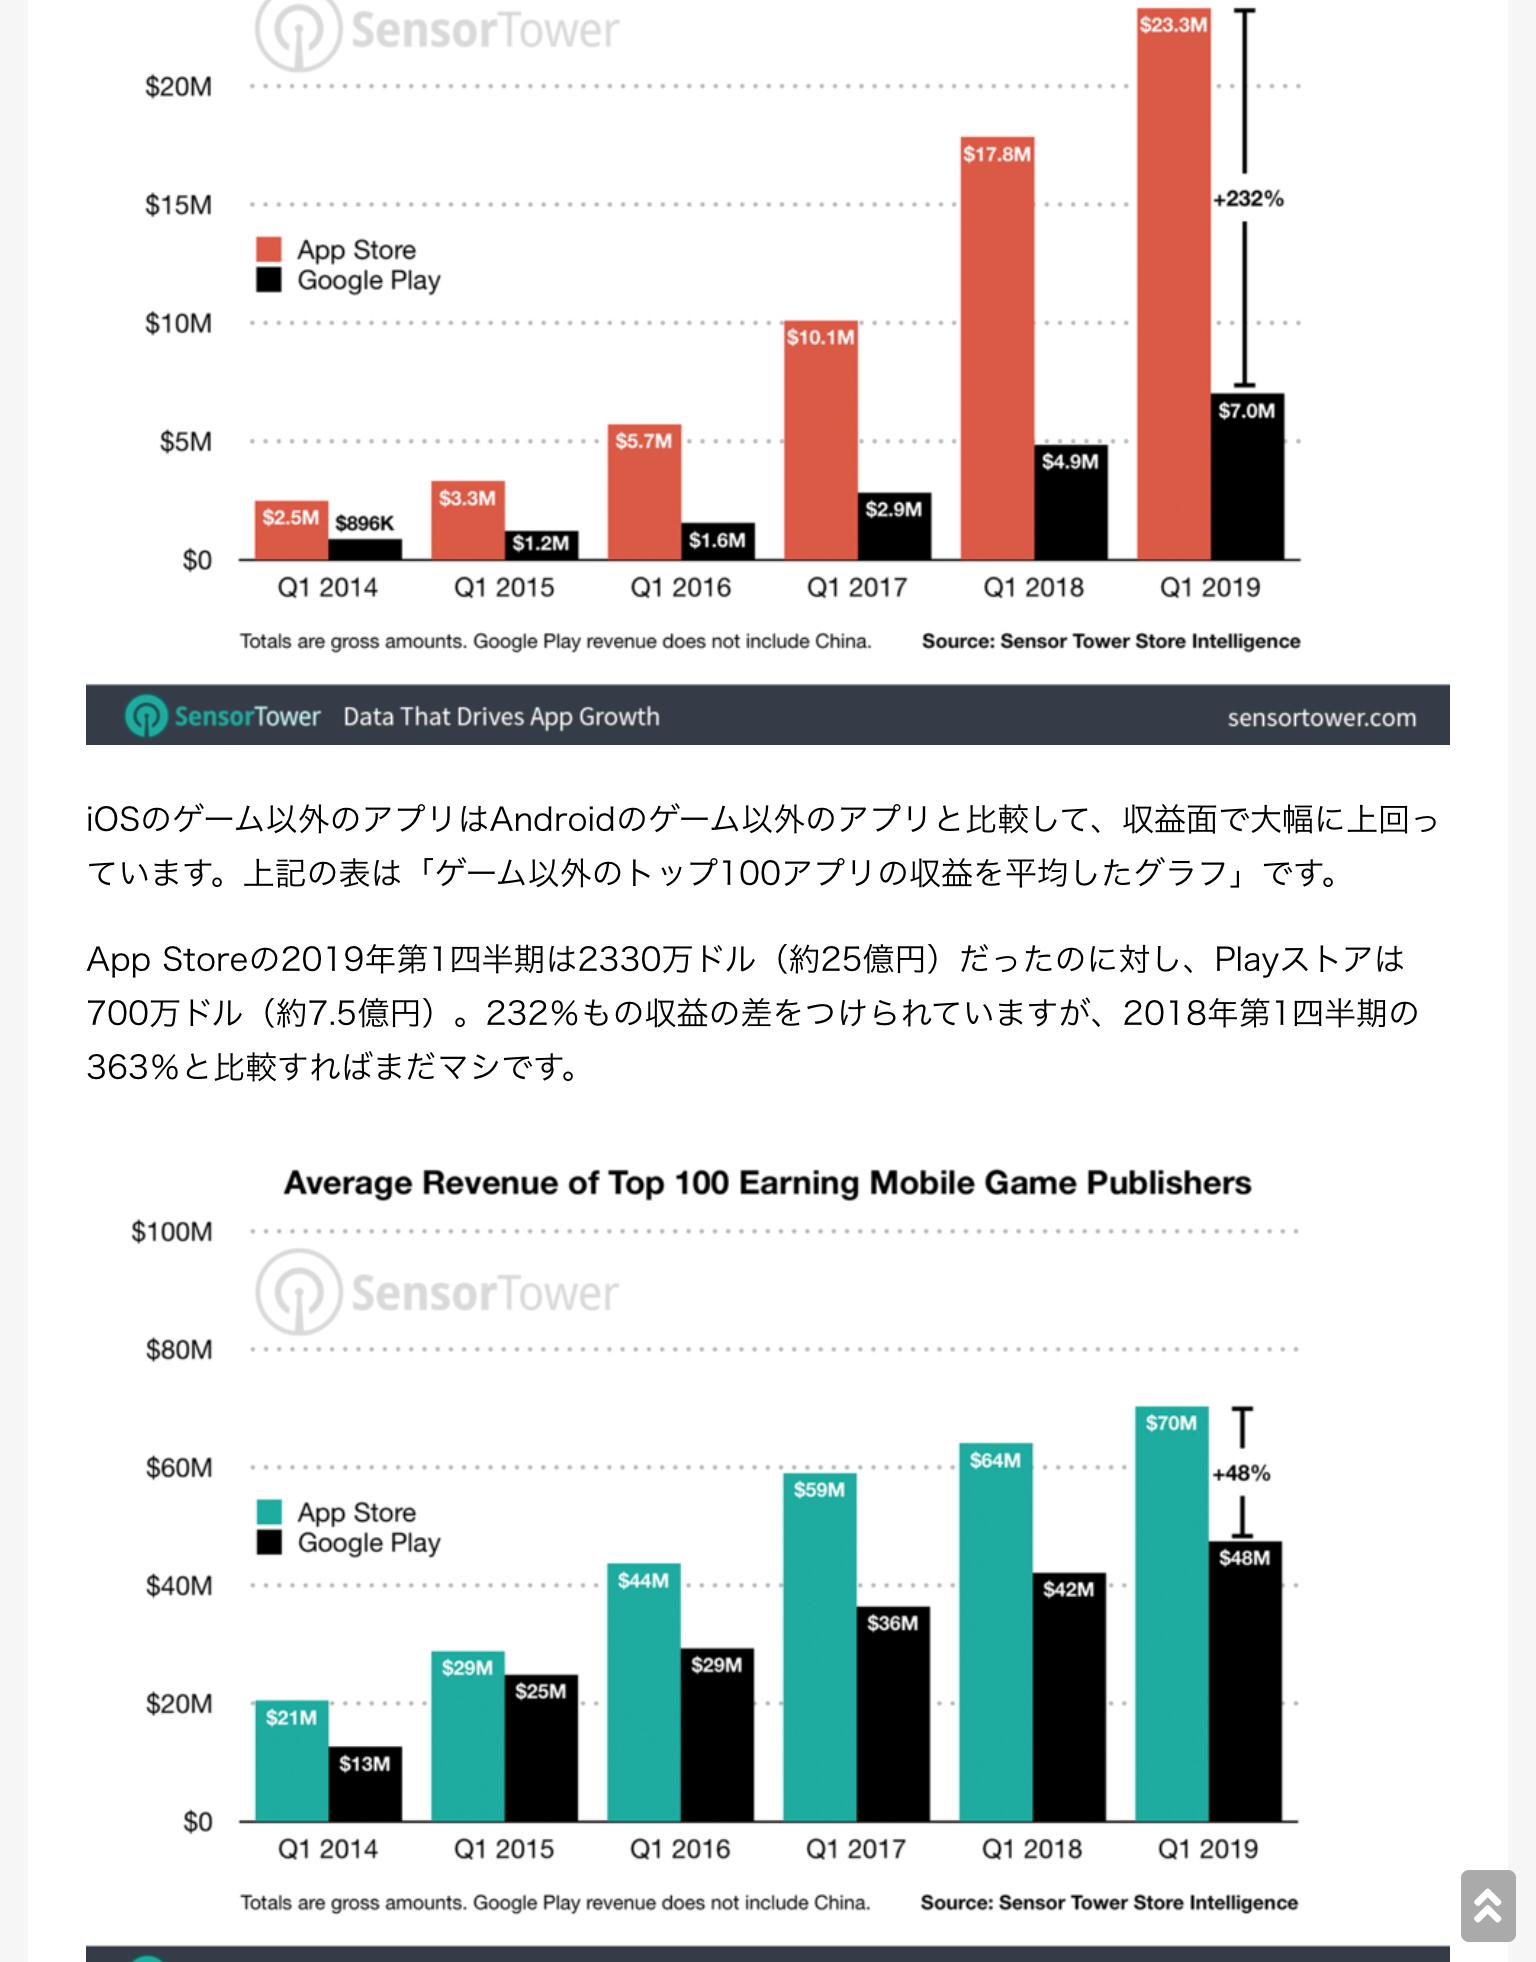 Ie1FgRV - なんで家庭用ゲームやらないの? 売り上げ 家庭用4300億円 スマホ1兆1600億円